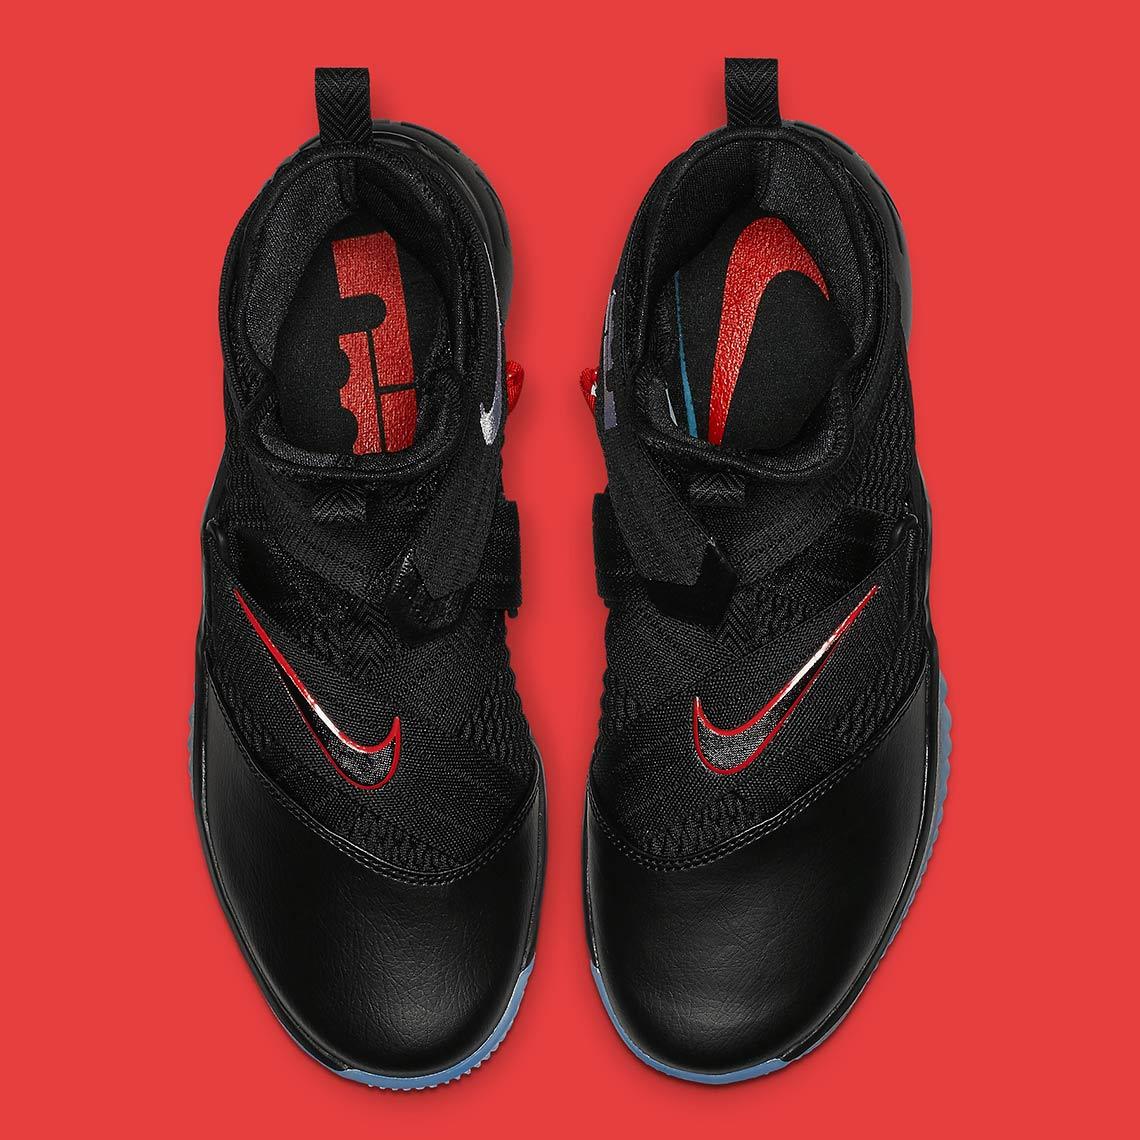 160448206cd08 Nike LeBron Soldier 12 Bred AV3812-004 Release Info